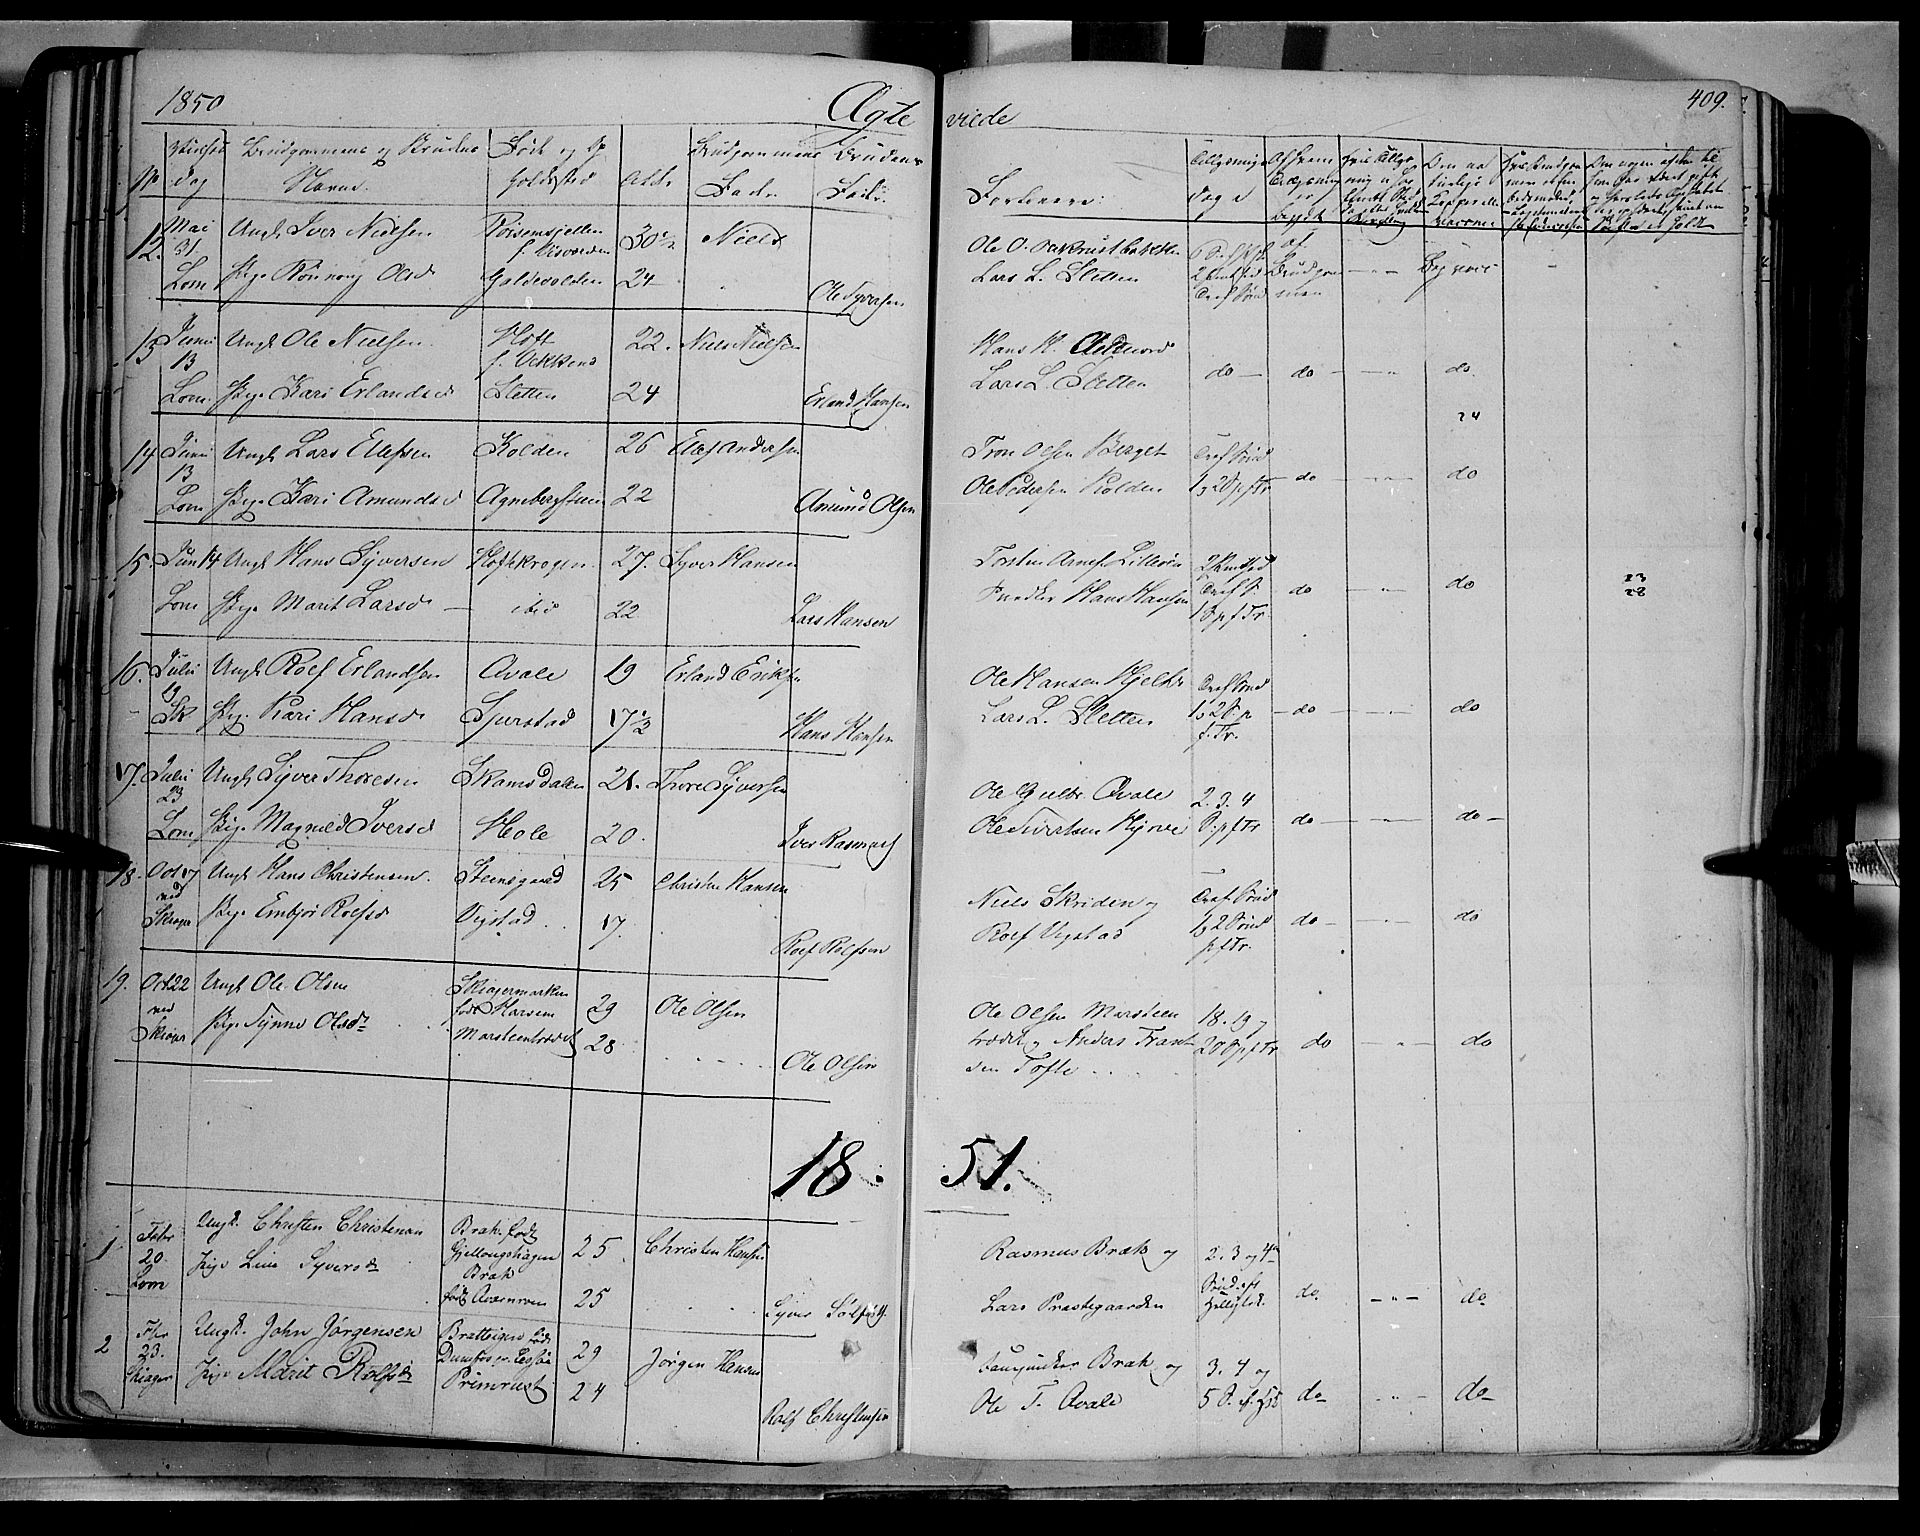 SAH, Lom prestekontor, K/L0006: Ministerialbok nr. 6B, 1837-1863, s. 409